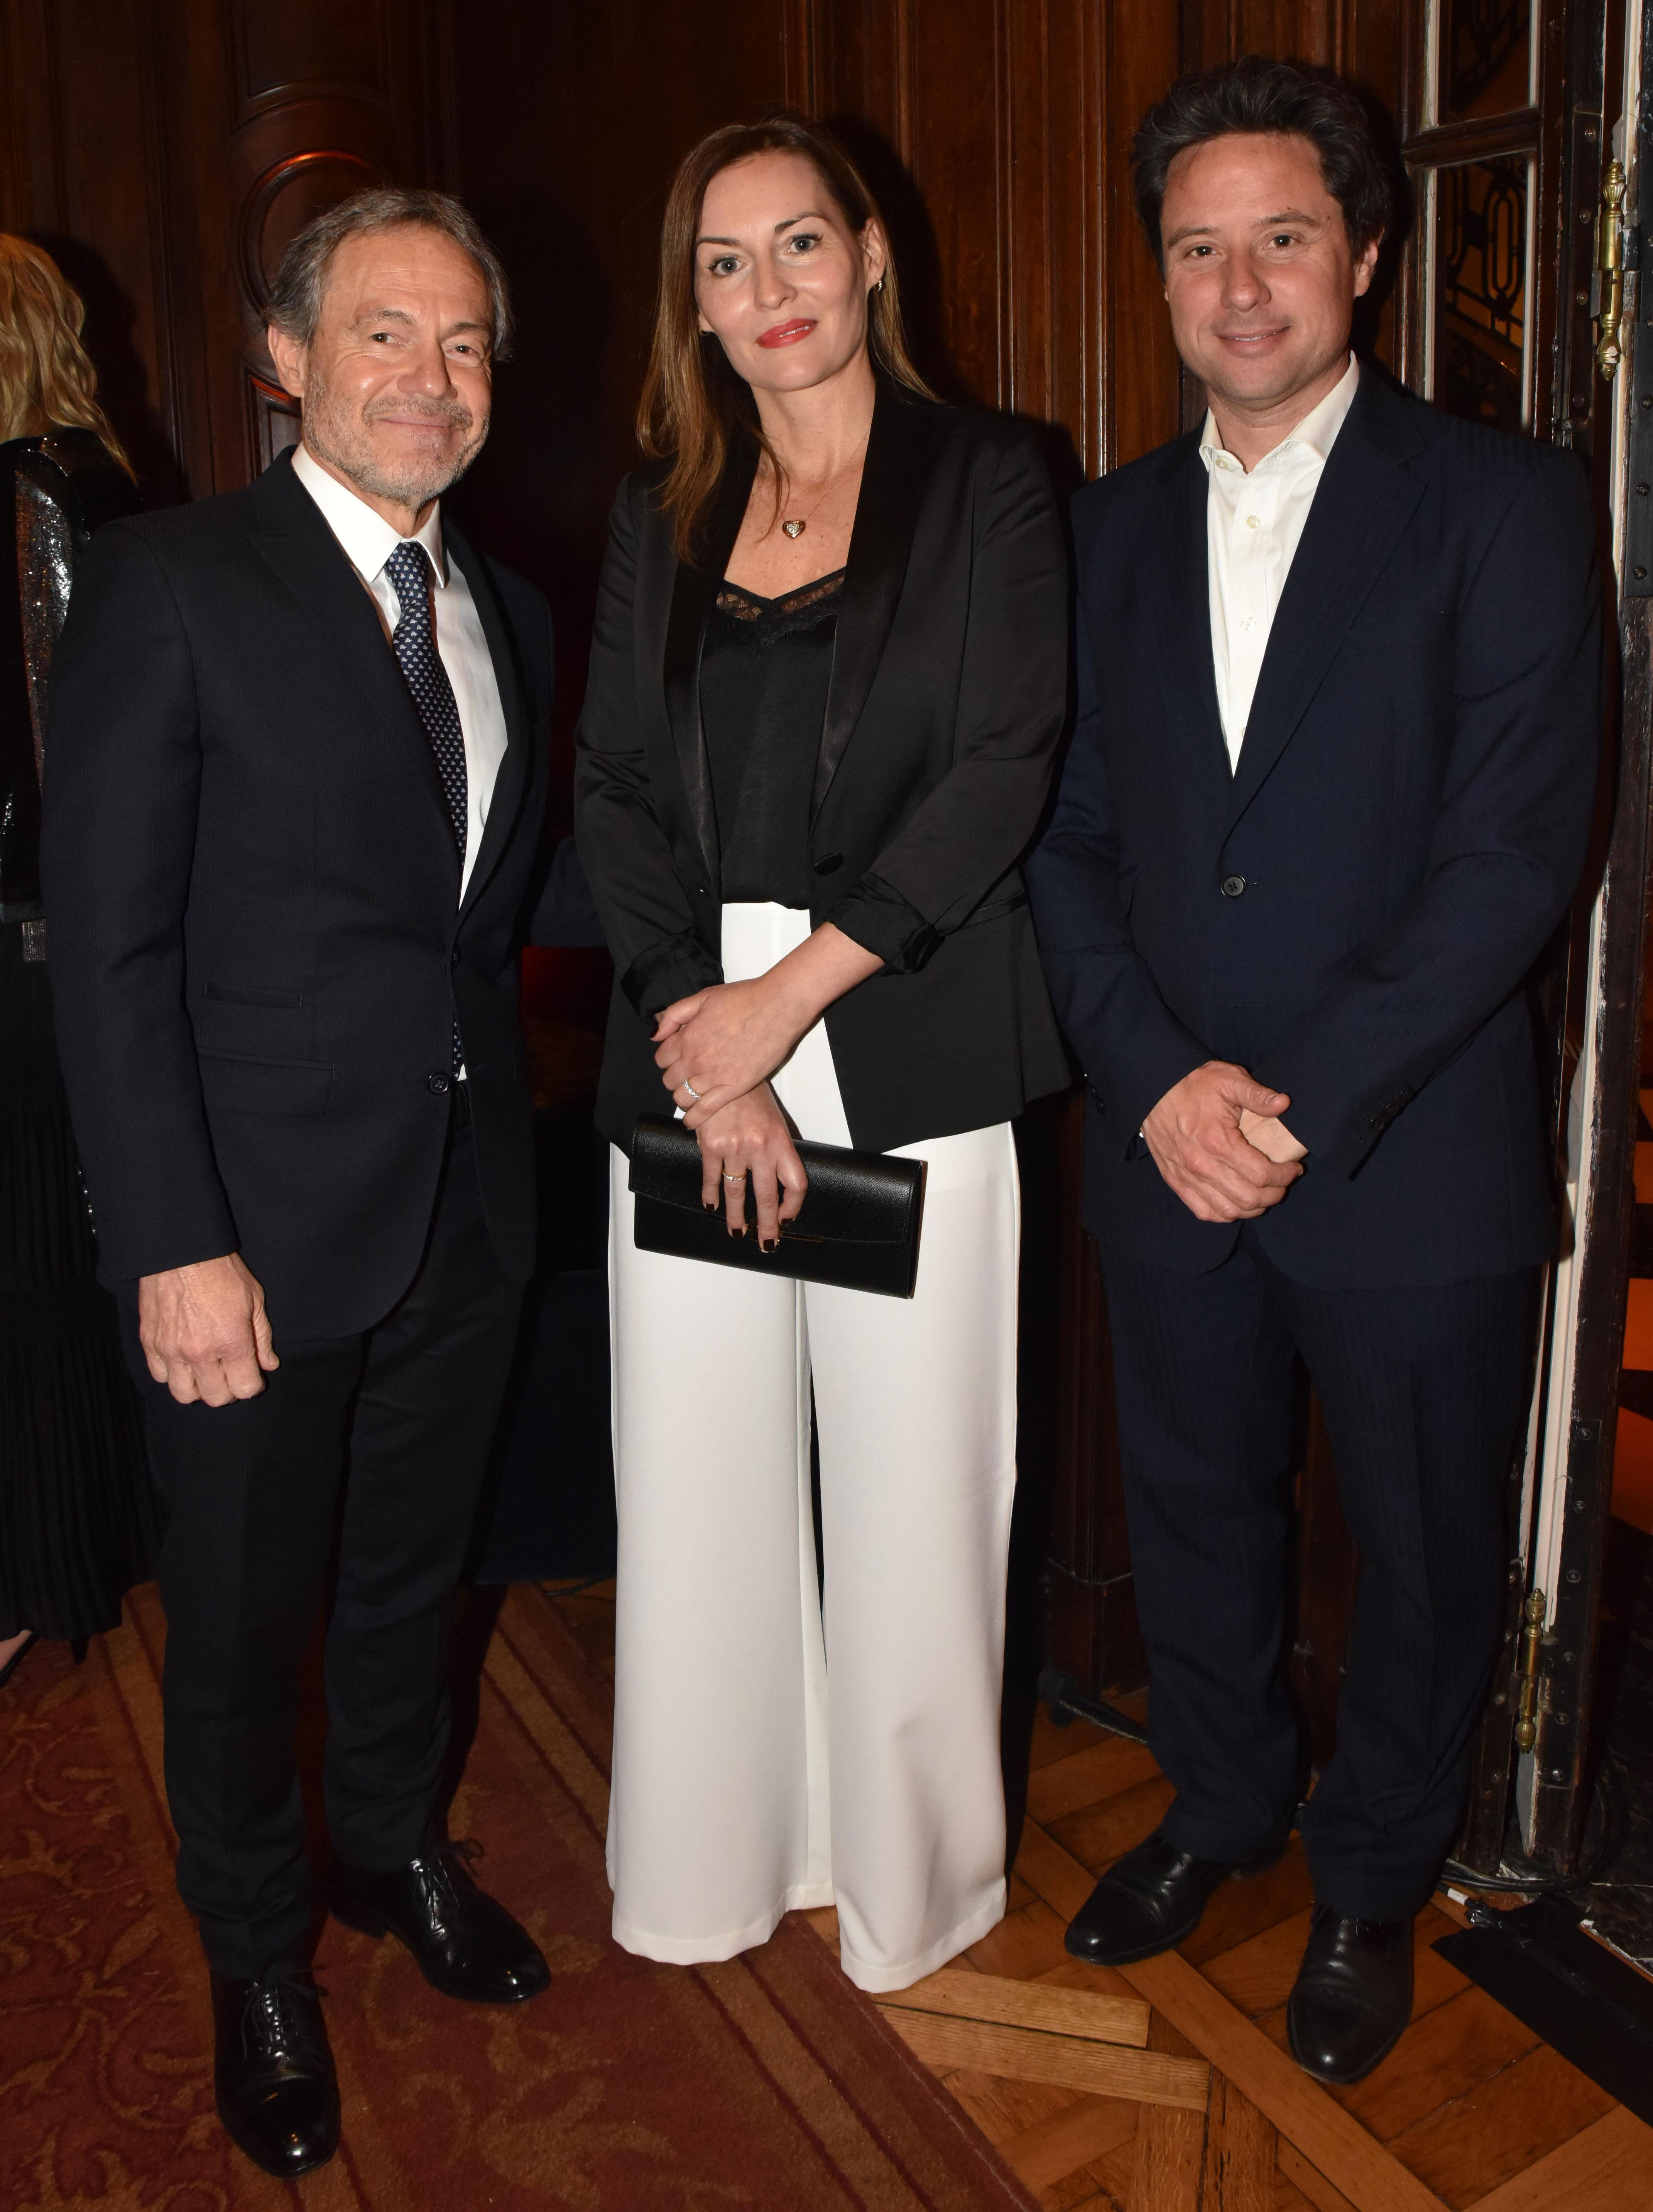 El ministro de Justicia de la provincia de Buenos Aires, Gustavo Ferrari, con su mujer y Gabriel Sánchez Zinny, director General de Cultura y Educación de la Provincia de Buenos Aires